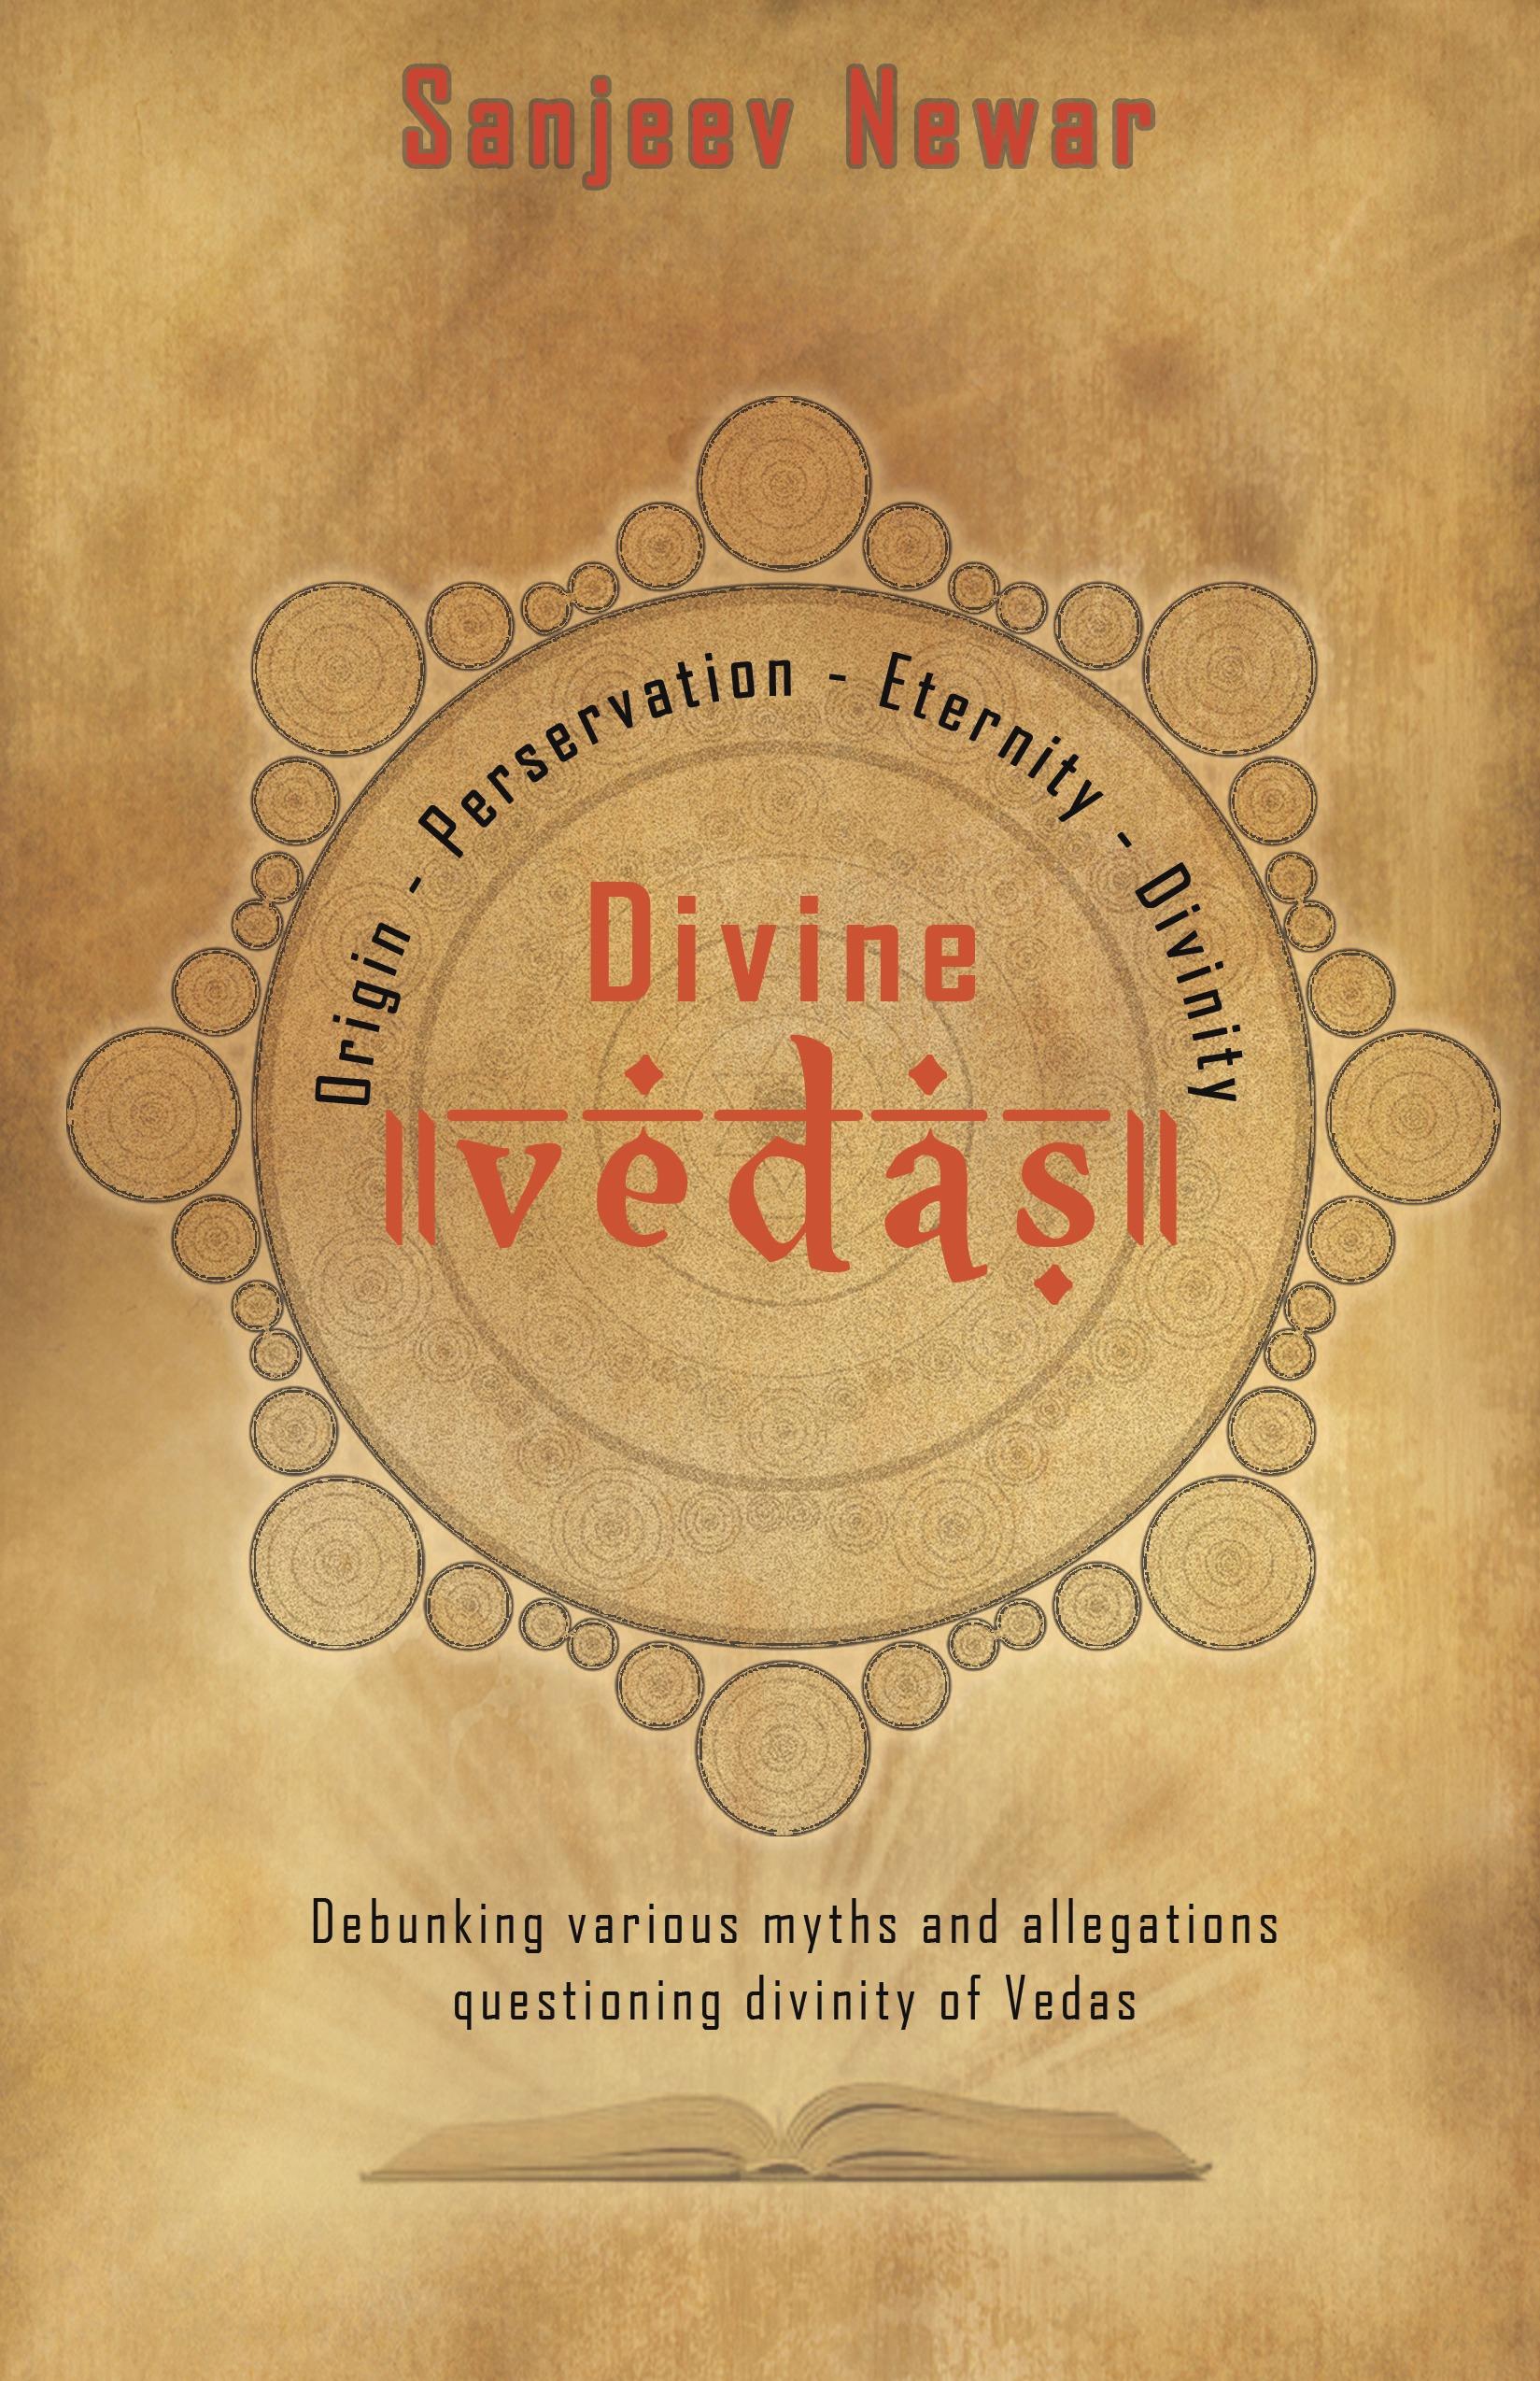 Divine Vedas | Pothi.com